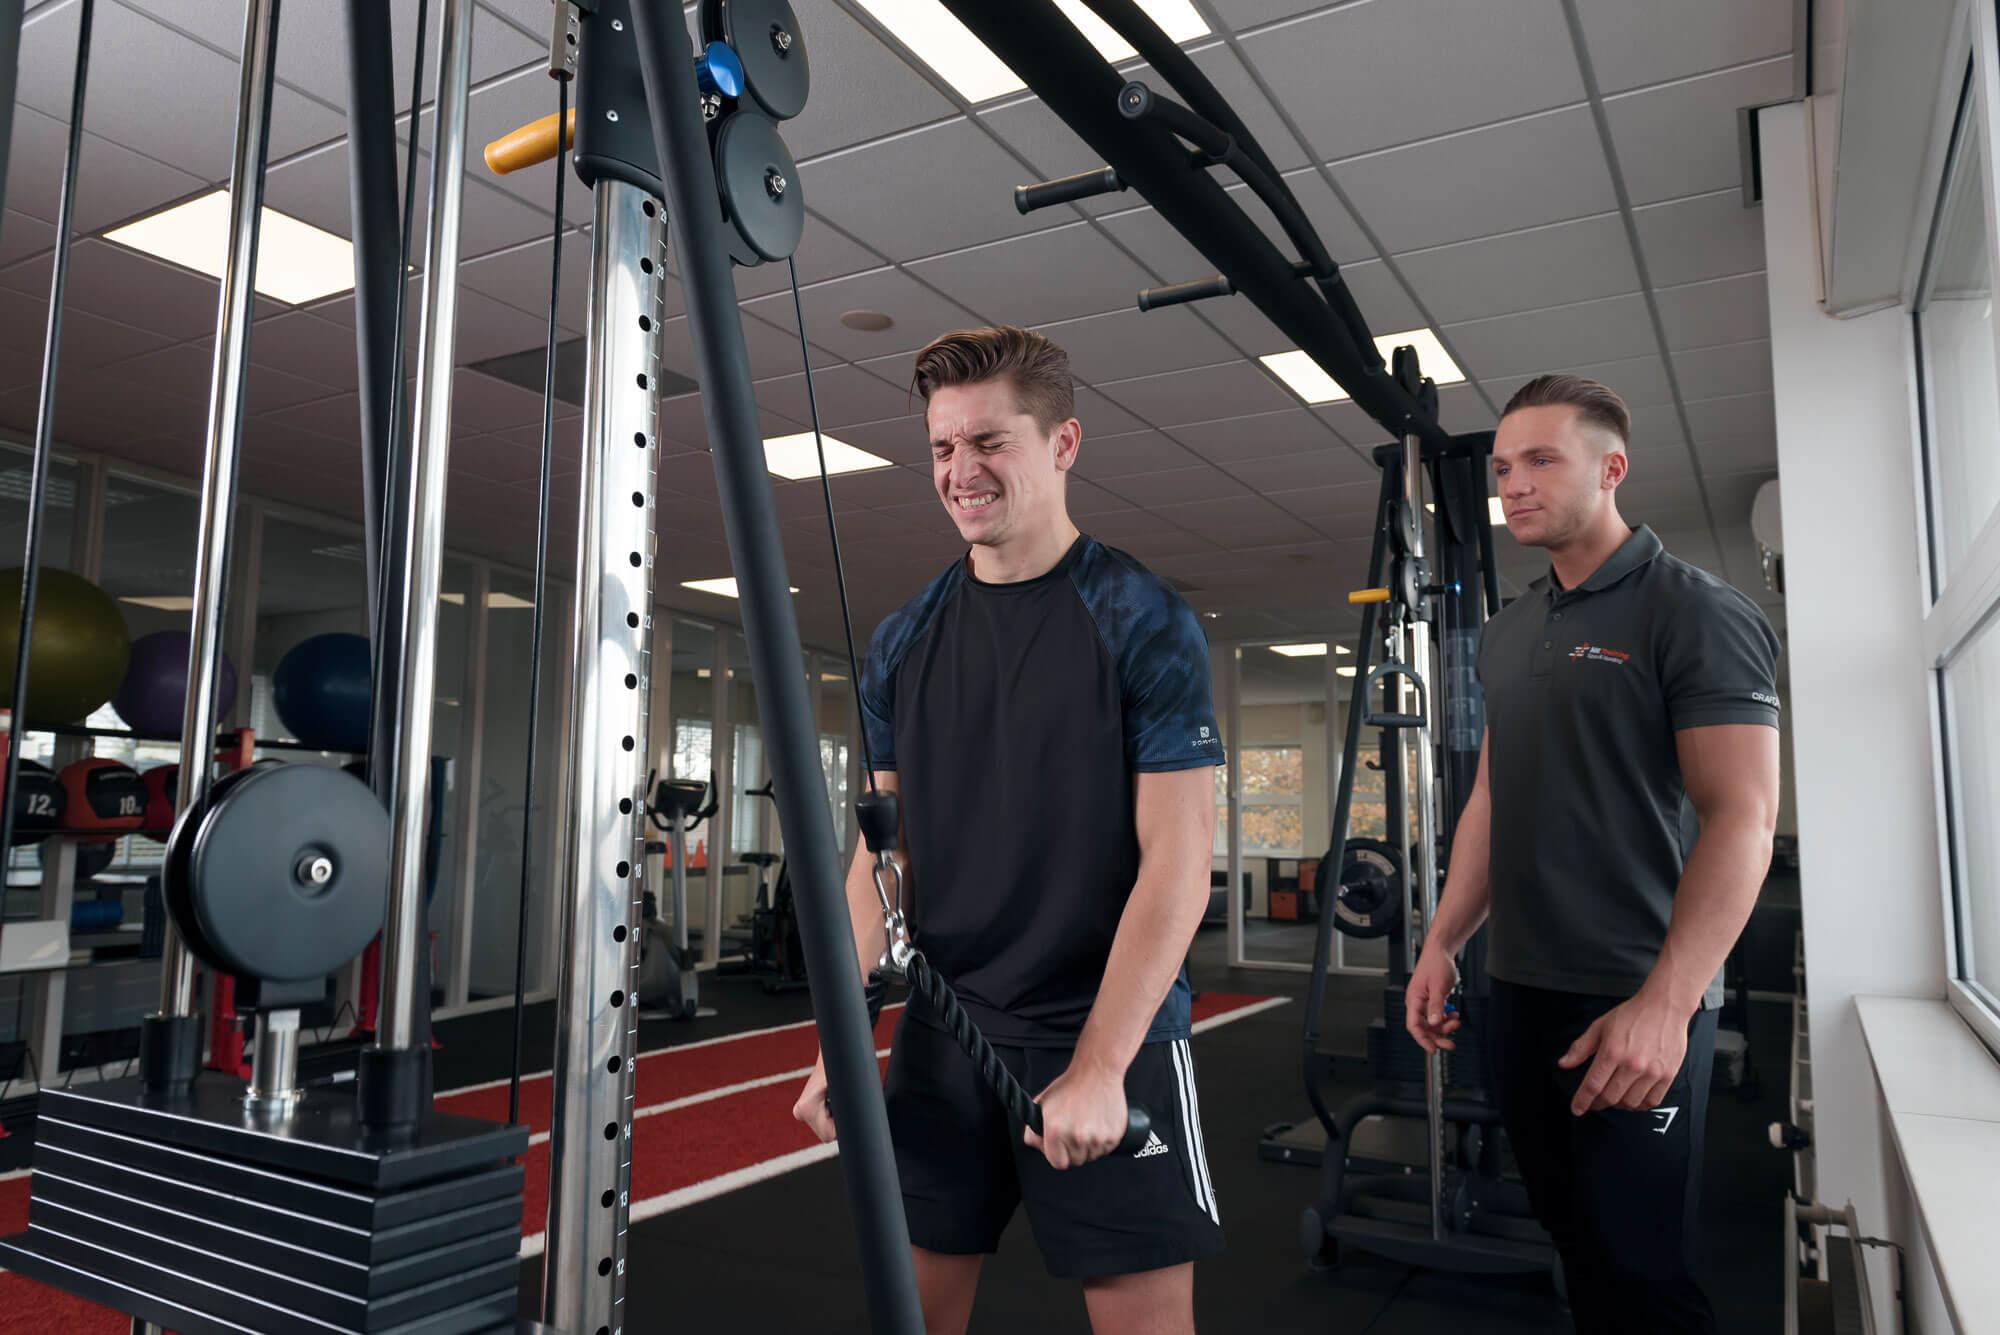 gewicht heffen, training sport